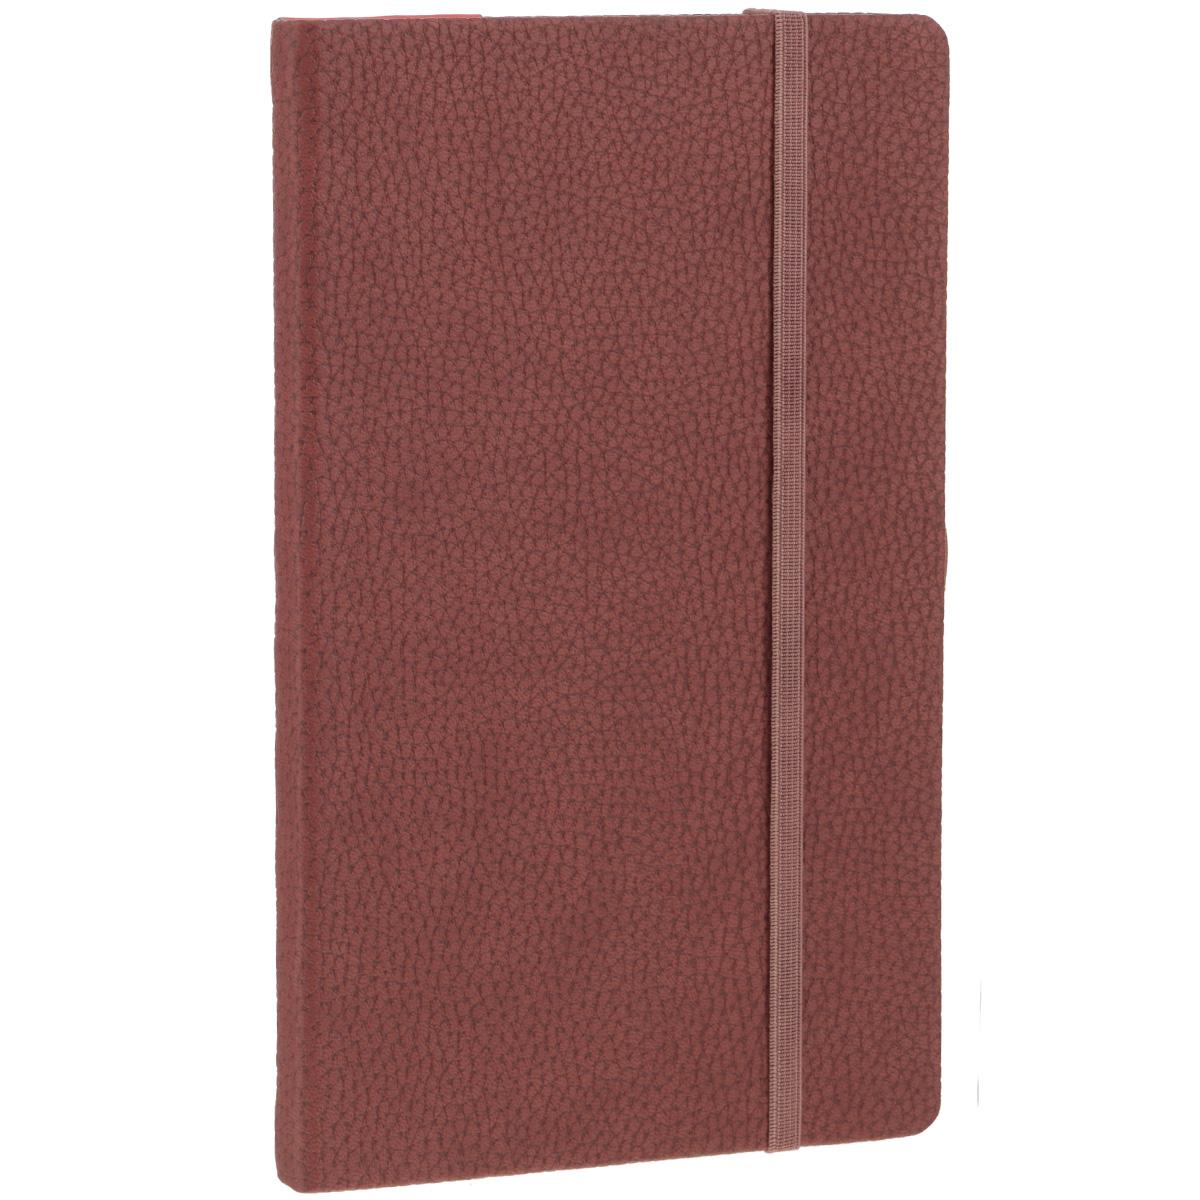 Записная книжка Erich Krause Armonia, цвет: коричневый, 96 листов36761Записная книжка Erich Krause Armonia - это дополнительный штрих к вашему имиджу. Демократичная в своем содержании, книжка может быть использована не только для личных пометок и записей, но и как недатированный ежедневник. Надежная твердая обложка из плотного картона, обтянутого искусственной крупнофактурной кожей, сохранит ее в аккуратном состоянии на протяжении всего времени использования. Плотная в линейку бумага белого цвета, закладка-ляссе, практичные скругленные углы, эластичная петелька для ручки и внутренний бумажный карман на задней обложке - все это обеспечит вам истинное удовольствие от письма. В начале книжки имеется страничка для заполнения личных данных владельца, четыре страницы для заполнения адресов, телефонов и интернет-почты и четыре страницы для заполнения сайтов и ссылок. Благодаря небольшому формату книжку легко взять с собой. Записная книжка плотно закрывается при помощи фиксирующей резинки.